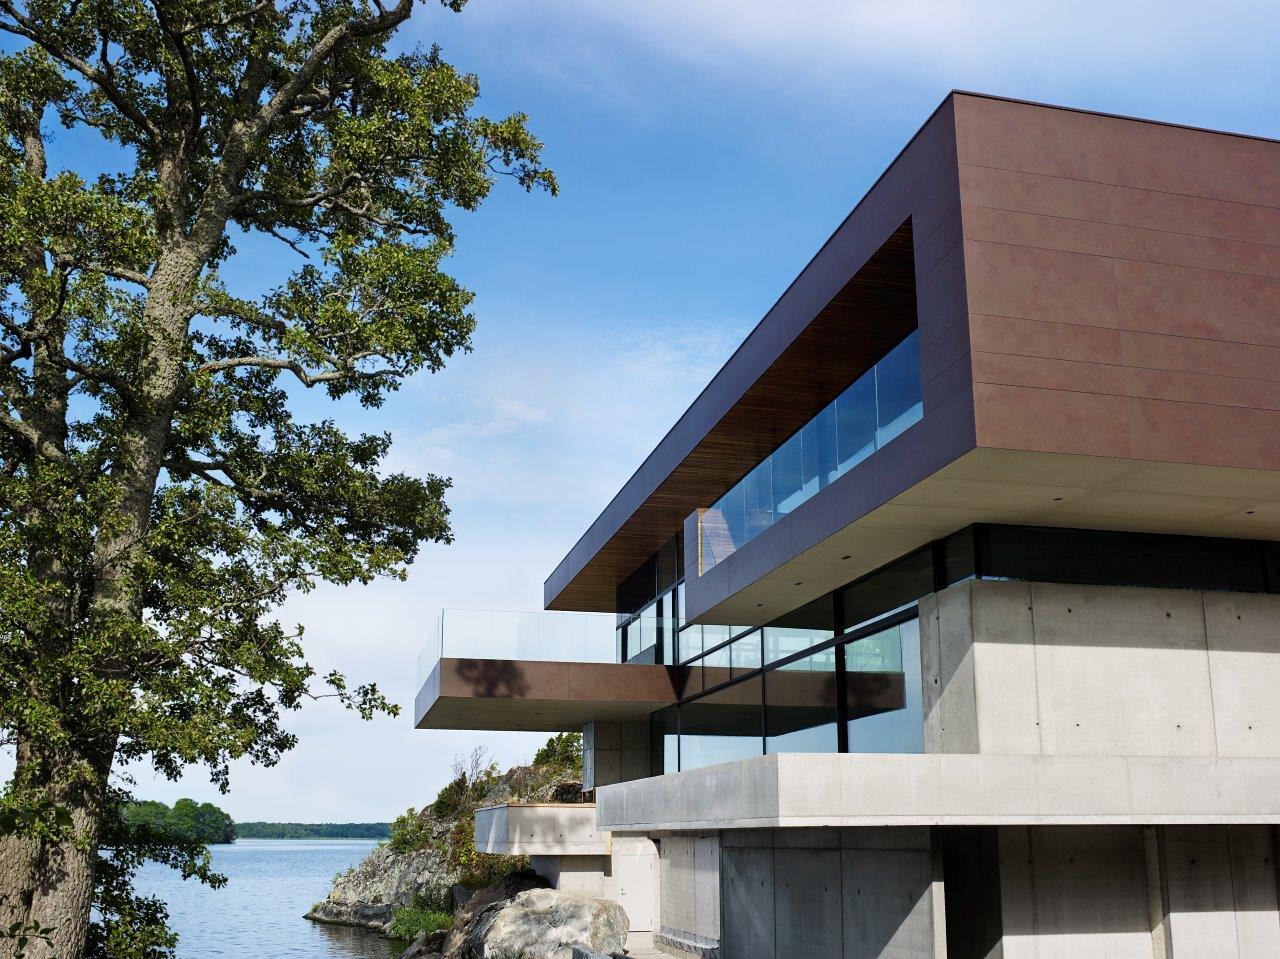 Skallan House  - 150909 cosentino004 49